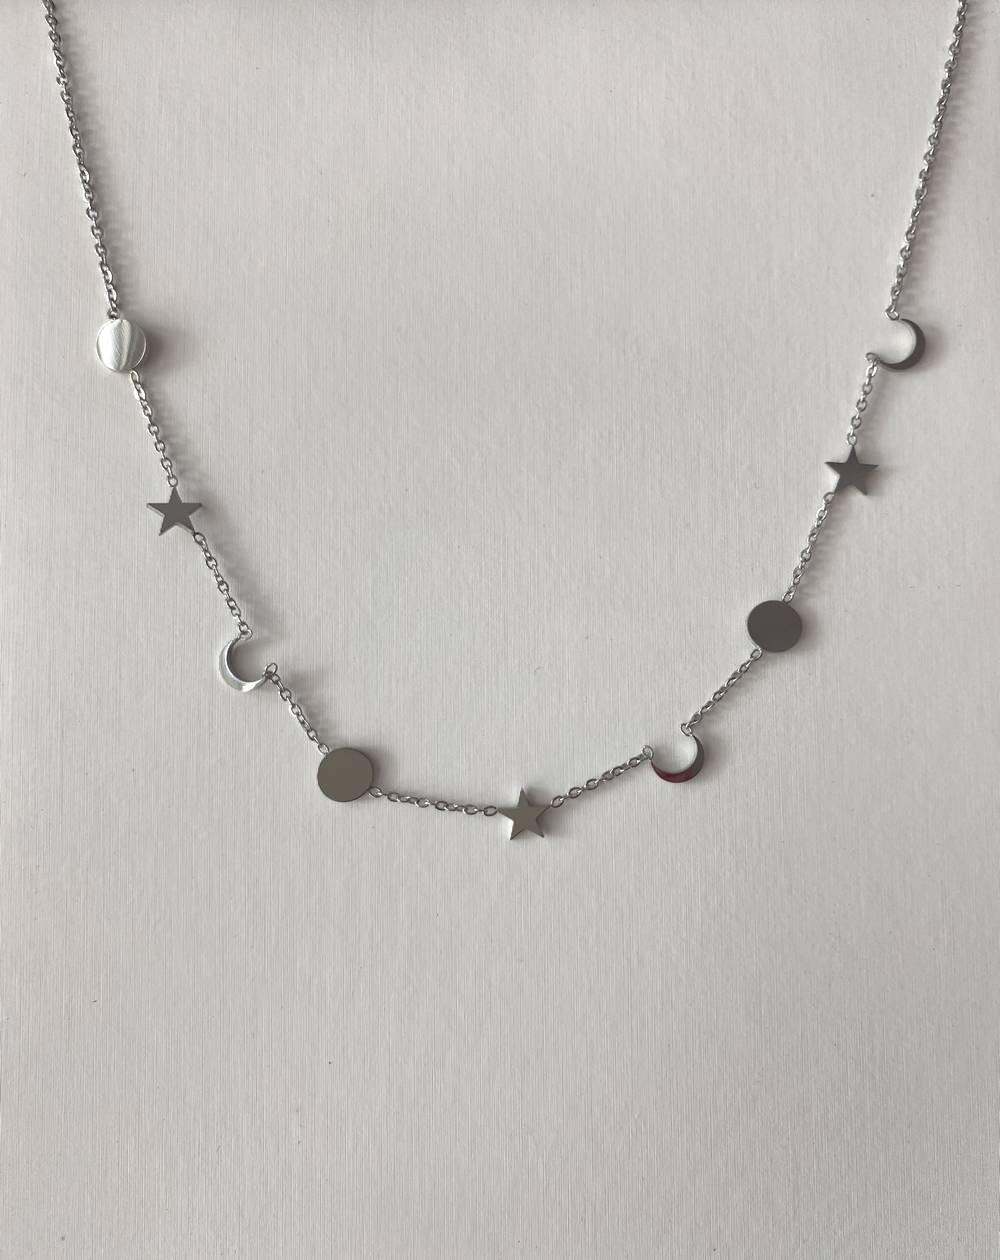 Collier chaîne femme en acier argenté avec lunes, étoiles et médailles